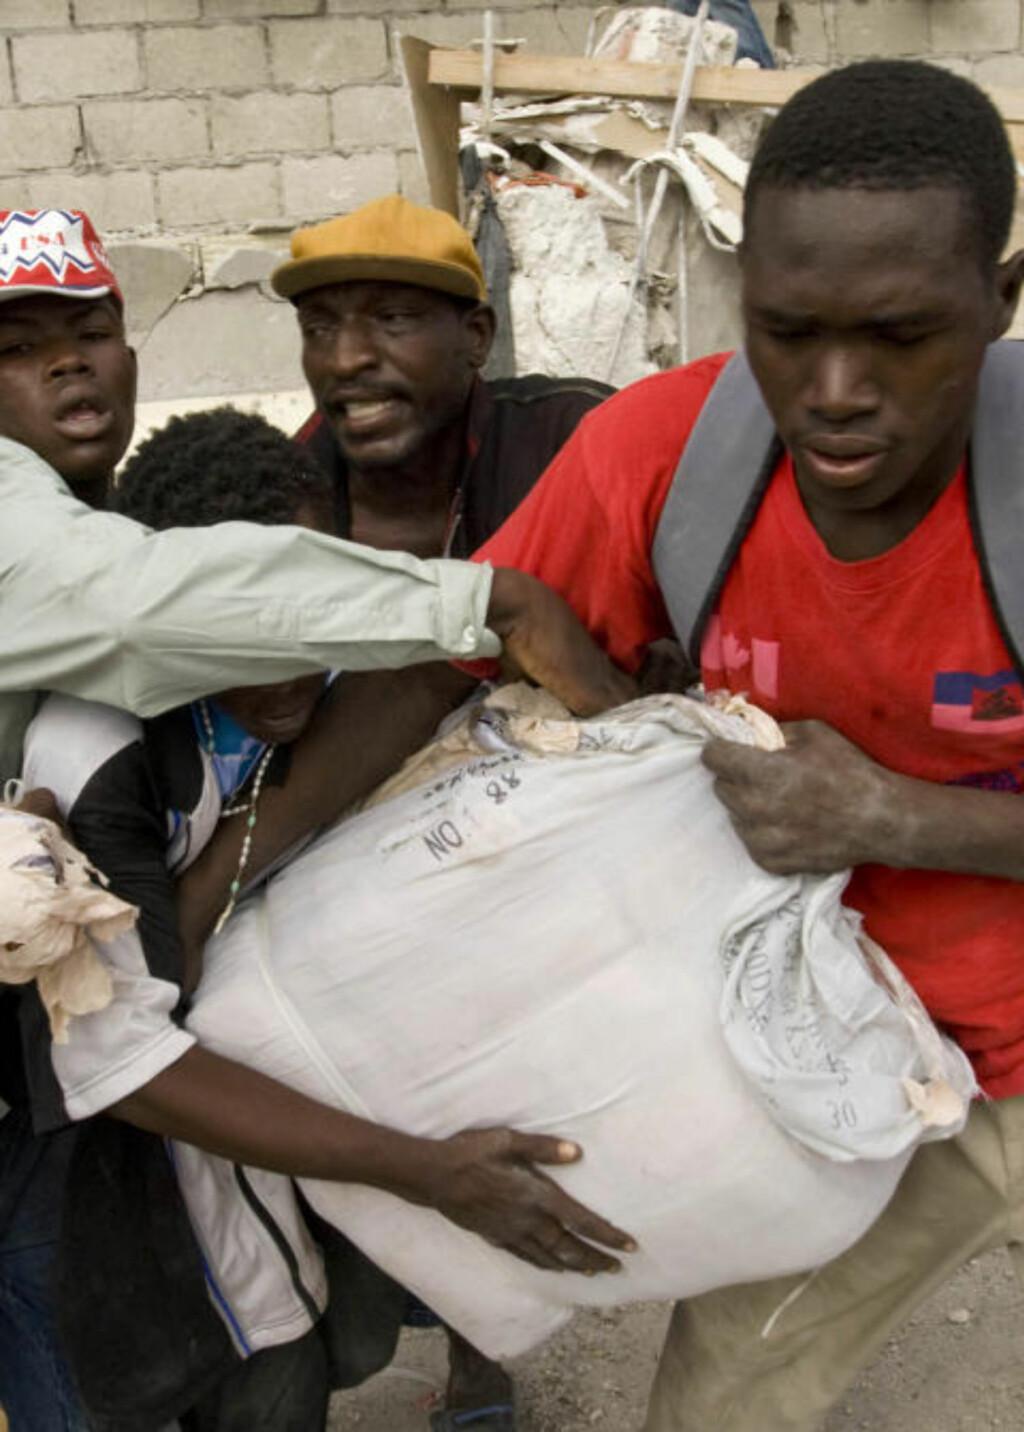 USA SENDTE SOLDATER: Midt under jordskjelvkatastrofen i Haiti måtte USA sende 10 000 soldater for å beskytte befolkningen mot opprør og plyndring. Foto: REUTERS/Logan Abassi/UN Photo/Scanpix